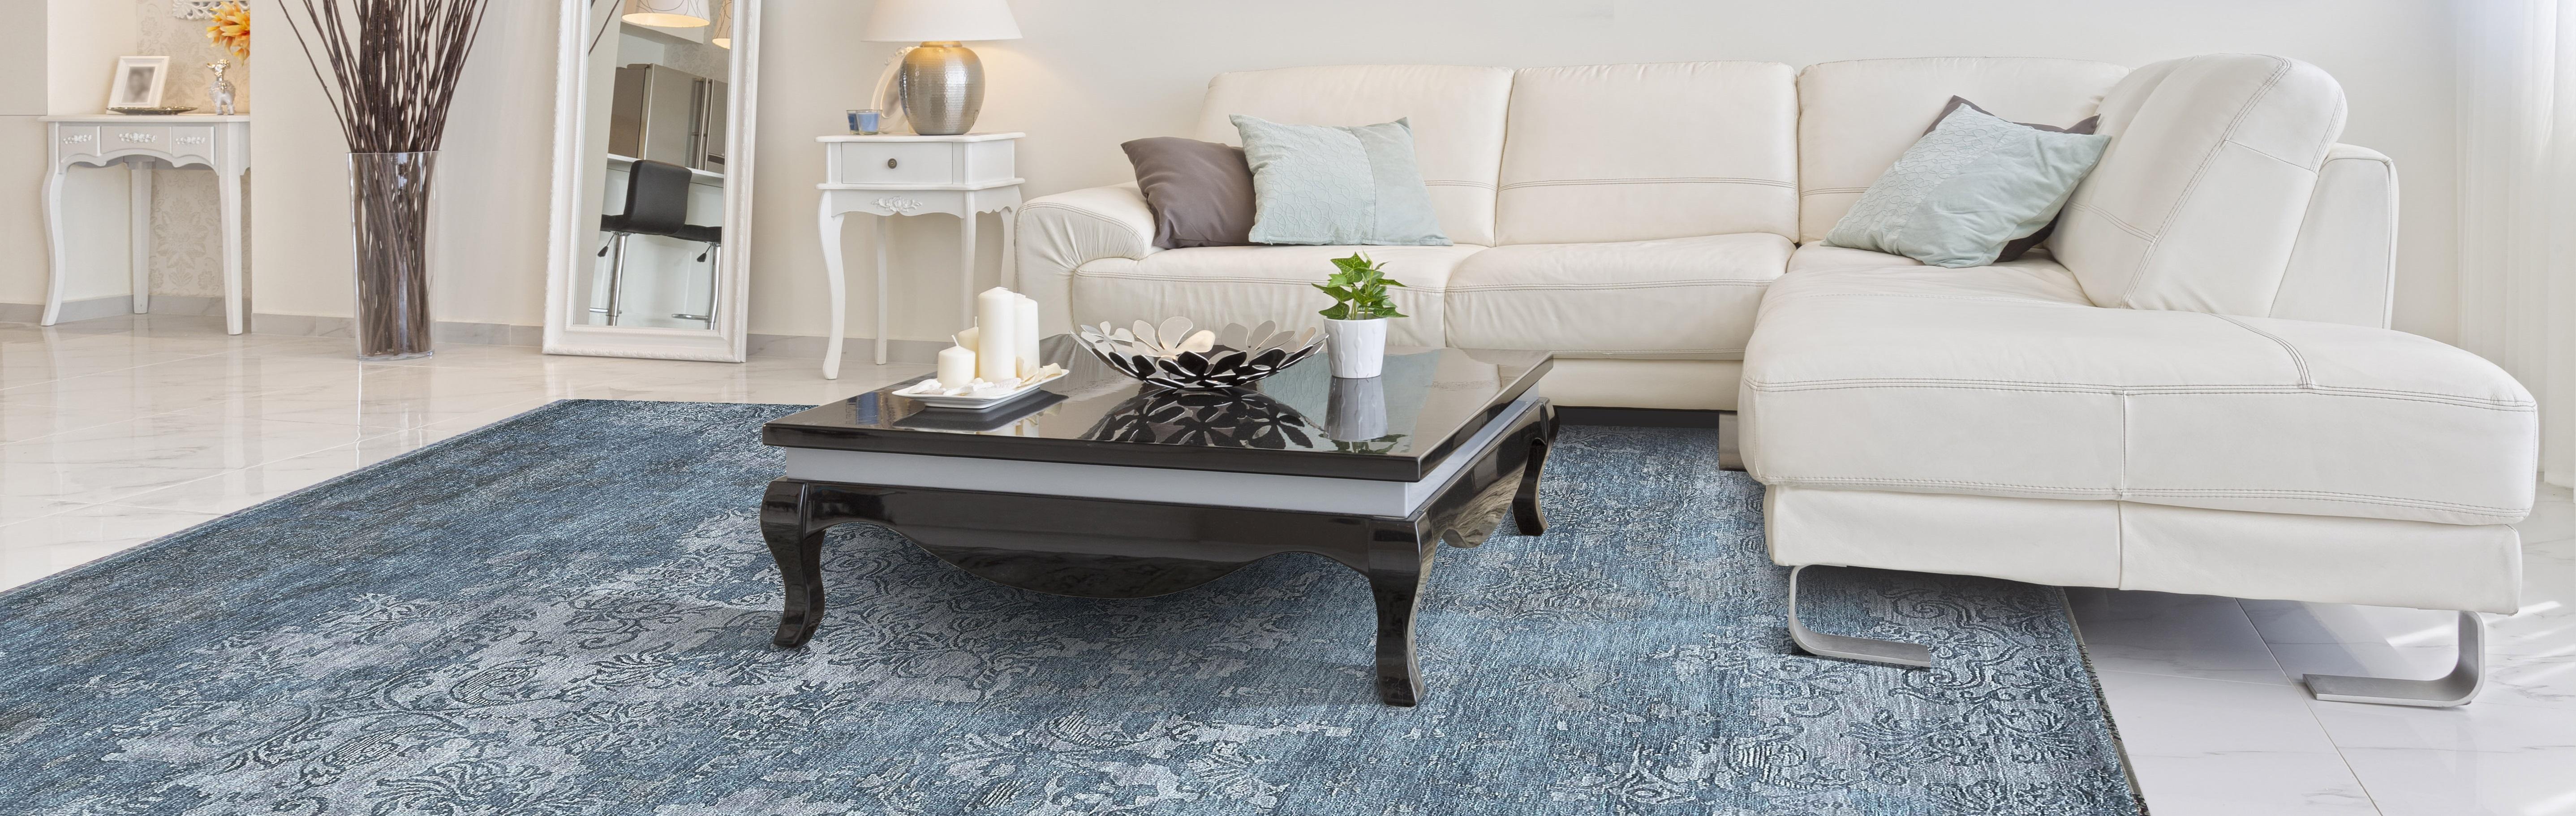 Informieren Sie sich hier über unsere ausgezeichnete Teppichreinigung!